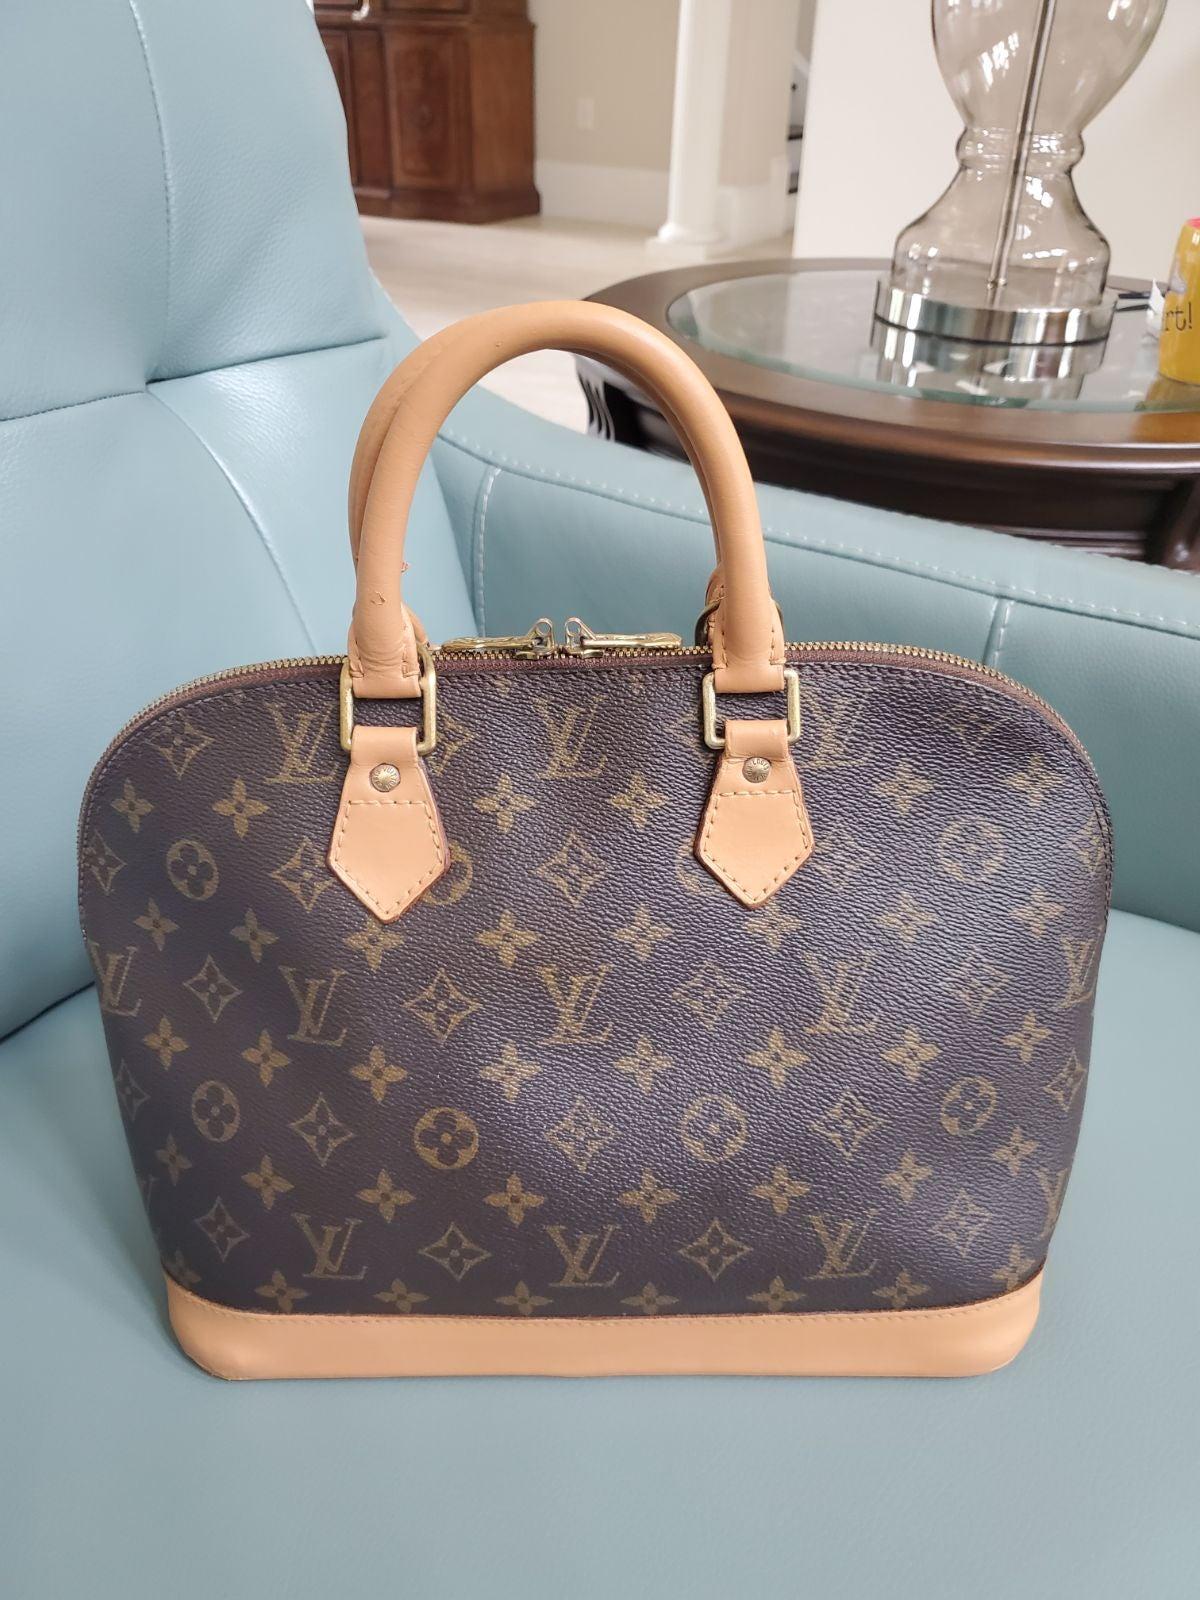 Louis Vuitton Alma PM Monogram leather